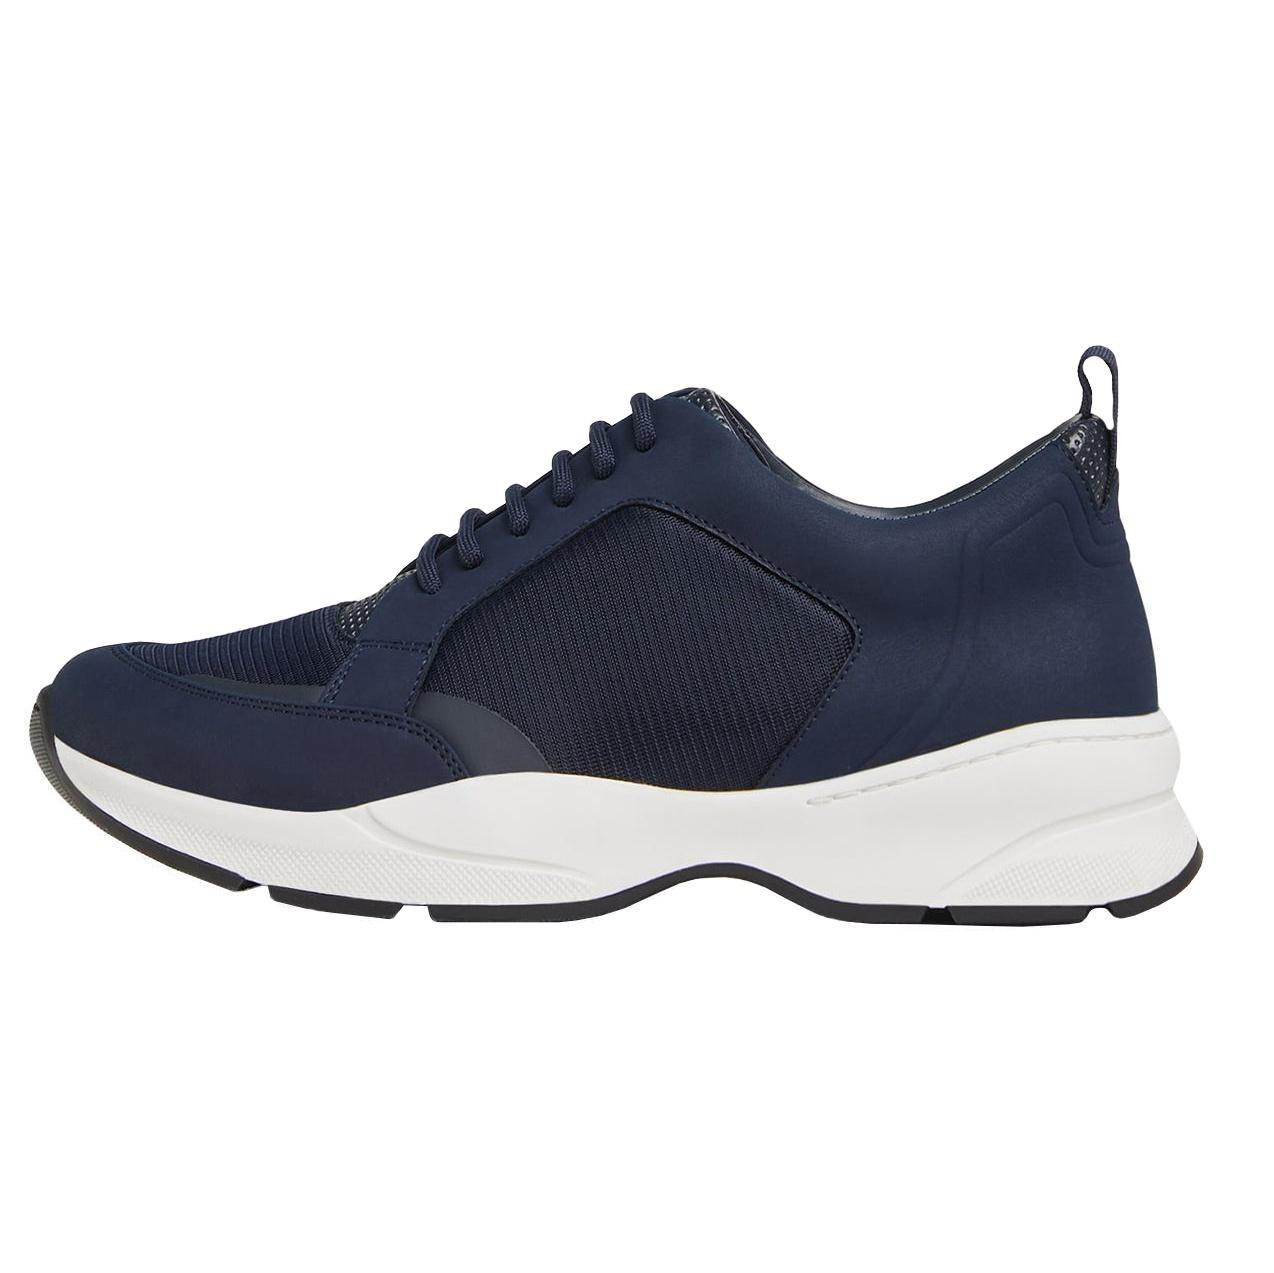 کفش مخصوص پیاده روی مردانه زارا مدل 5518-002